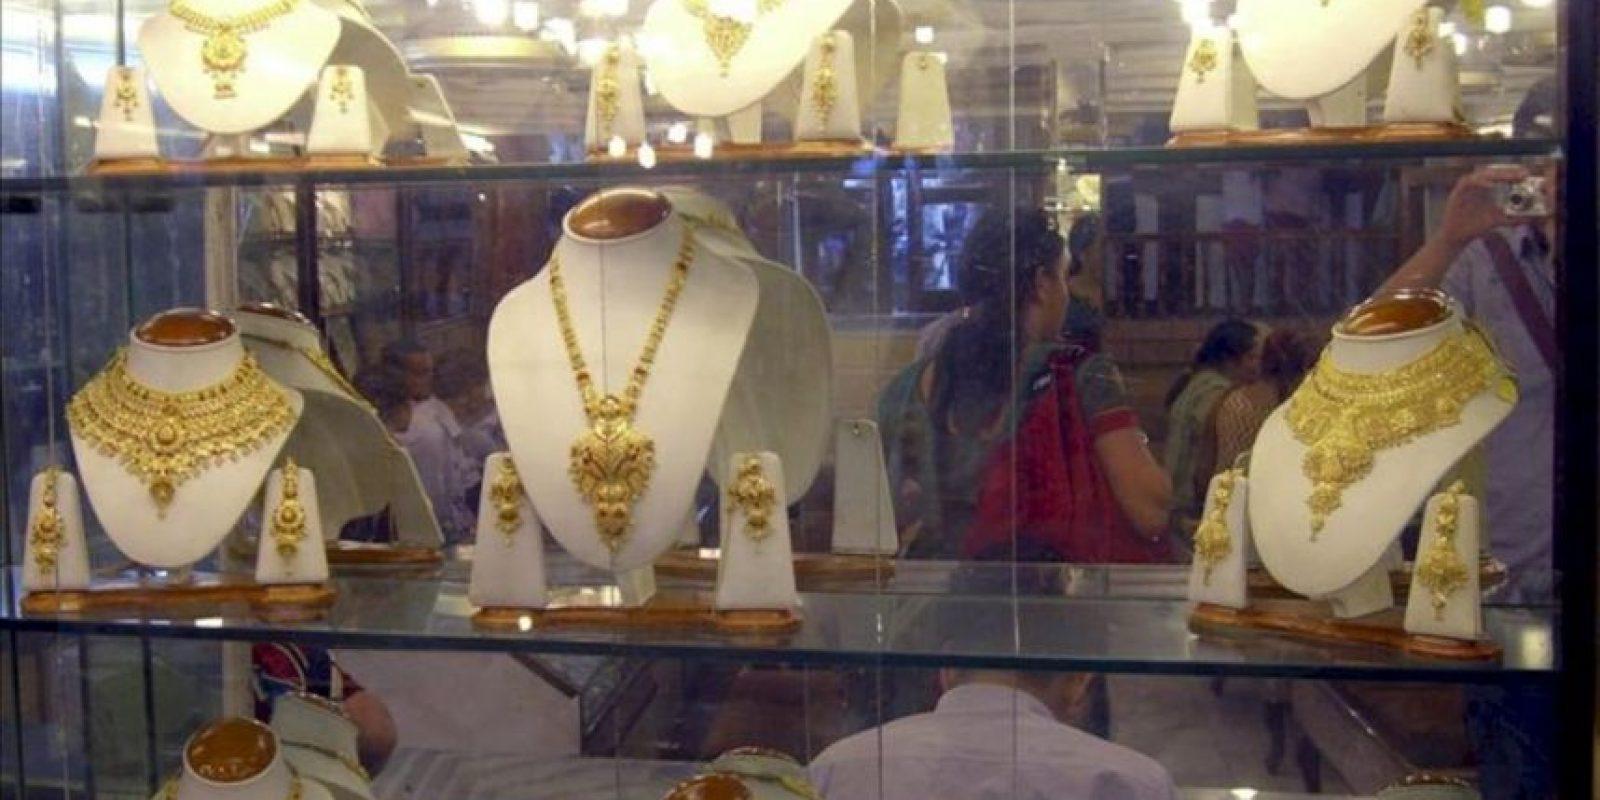 En la imagen, un expositor de collares y medallones de oro en una joyería del casco antiguo de Delhi, donde desde hace más de tres siglos cientos de comerciantes venden piedras preciosas, plata y mucho oro. Con un cuarto del consumo mundial, la India es el principal mercado del oro, un metal considerado un recurso seguro en el país. EFE